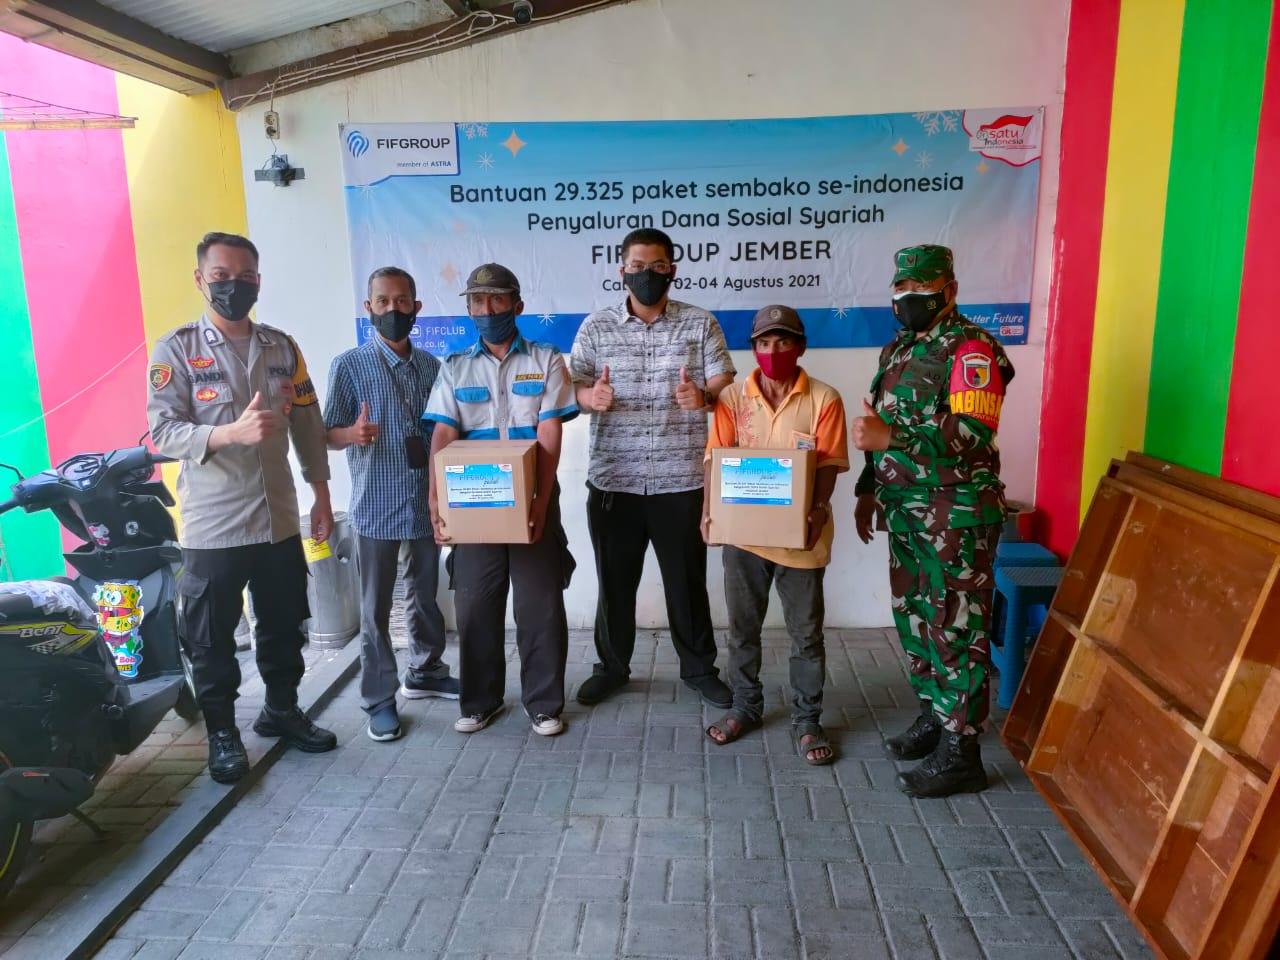 FIFGROUP Jember Salurkan Bantuan Sembako untuk Warga Terdampak Pandemi